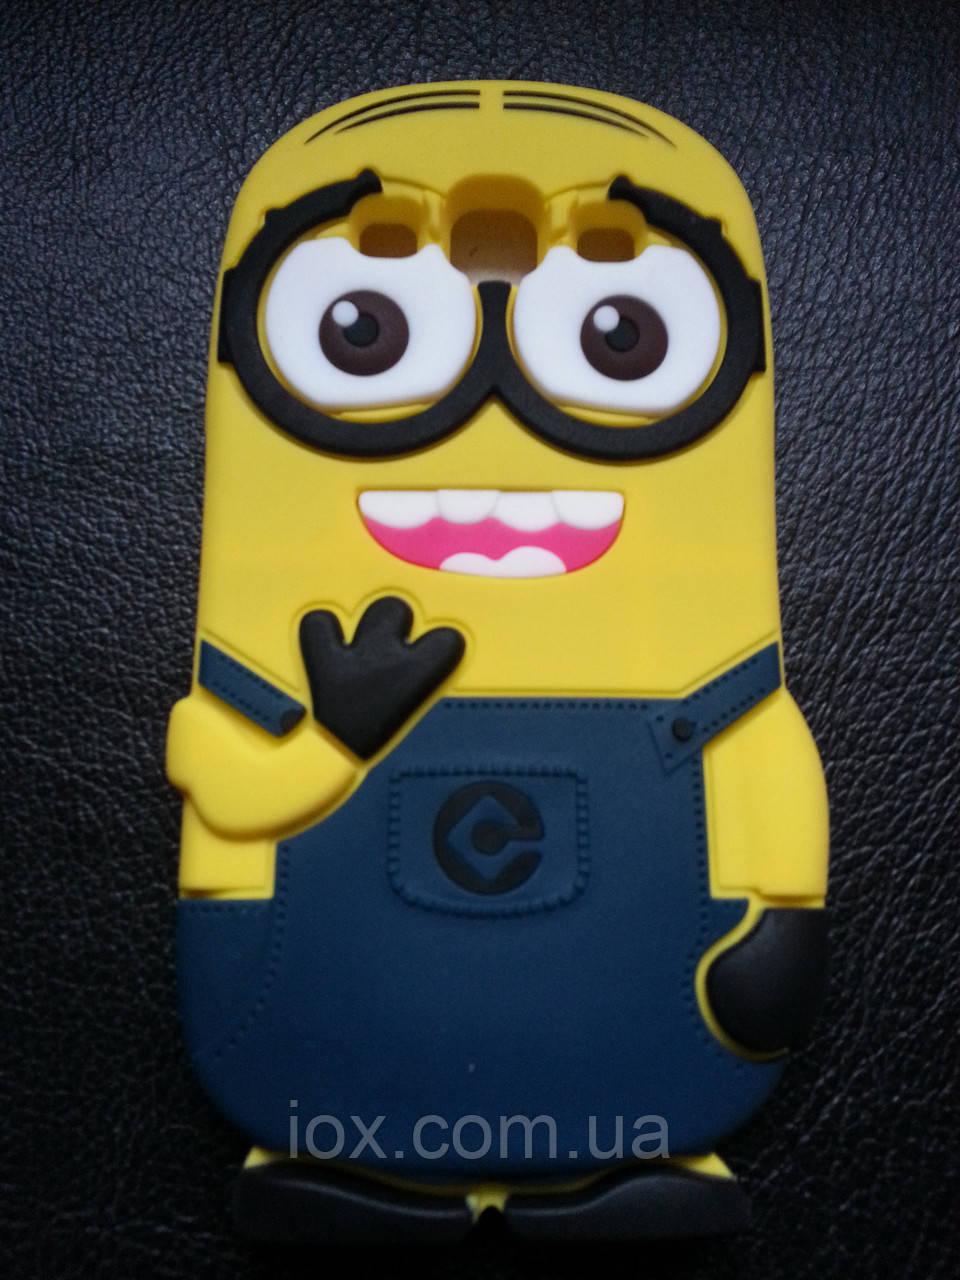 Силиконовый чехол Миньон на Samsung Galaxy S3 i9300